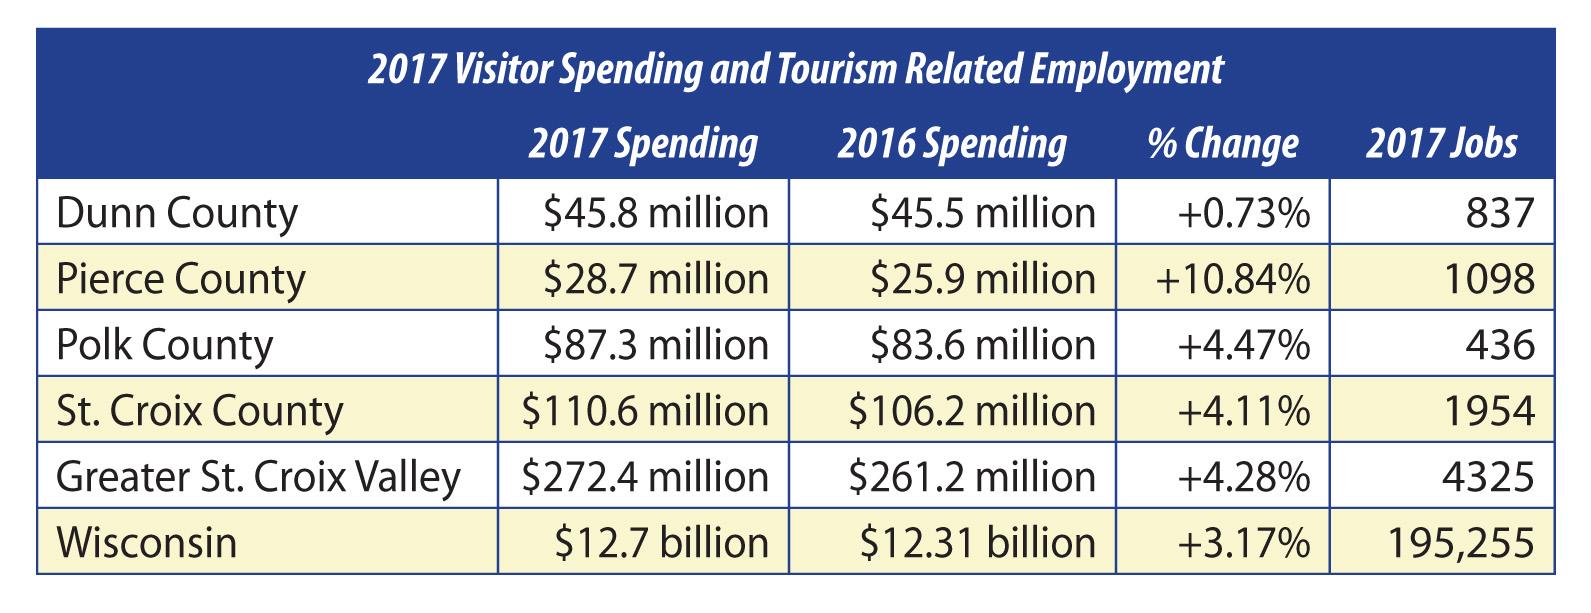 2017 traveler spending up